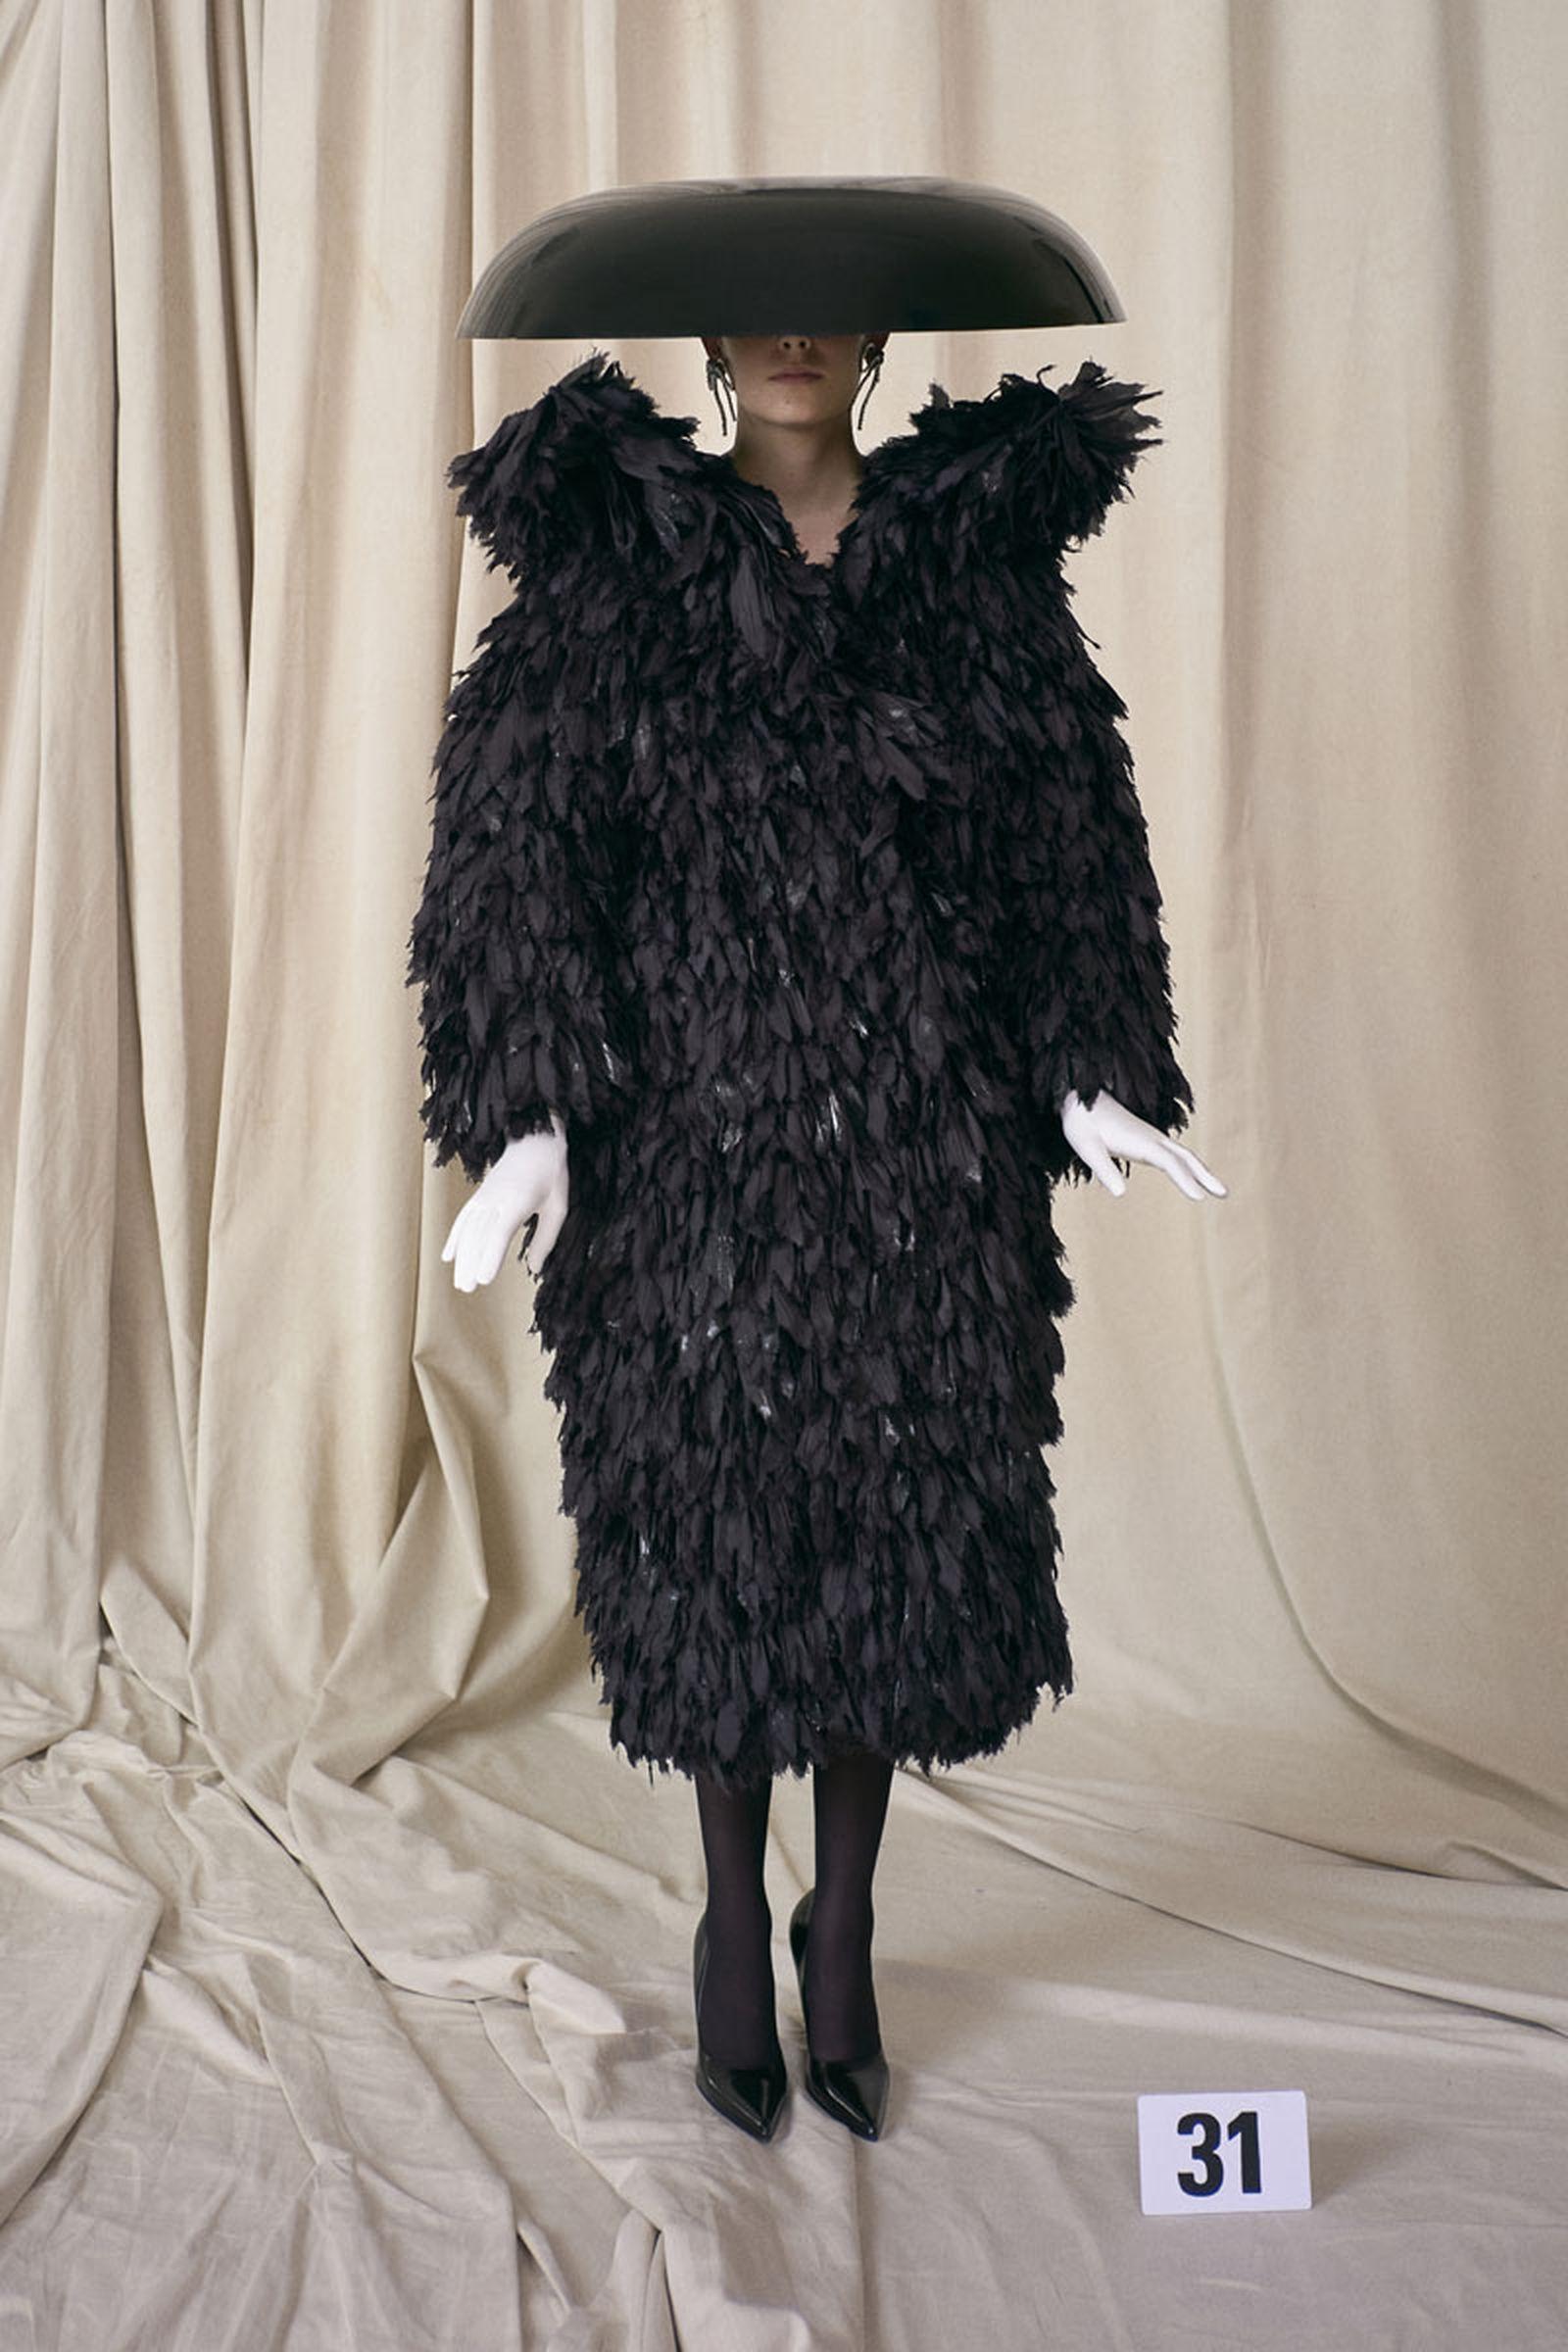 balenciaga-show-report-couture-28